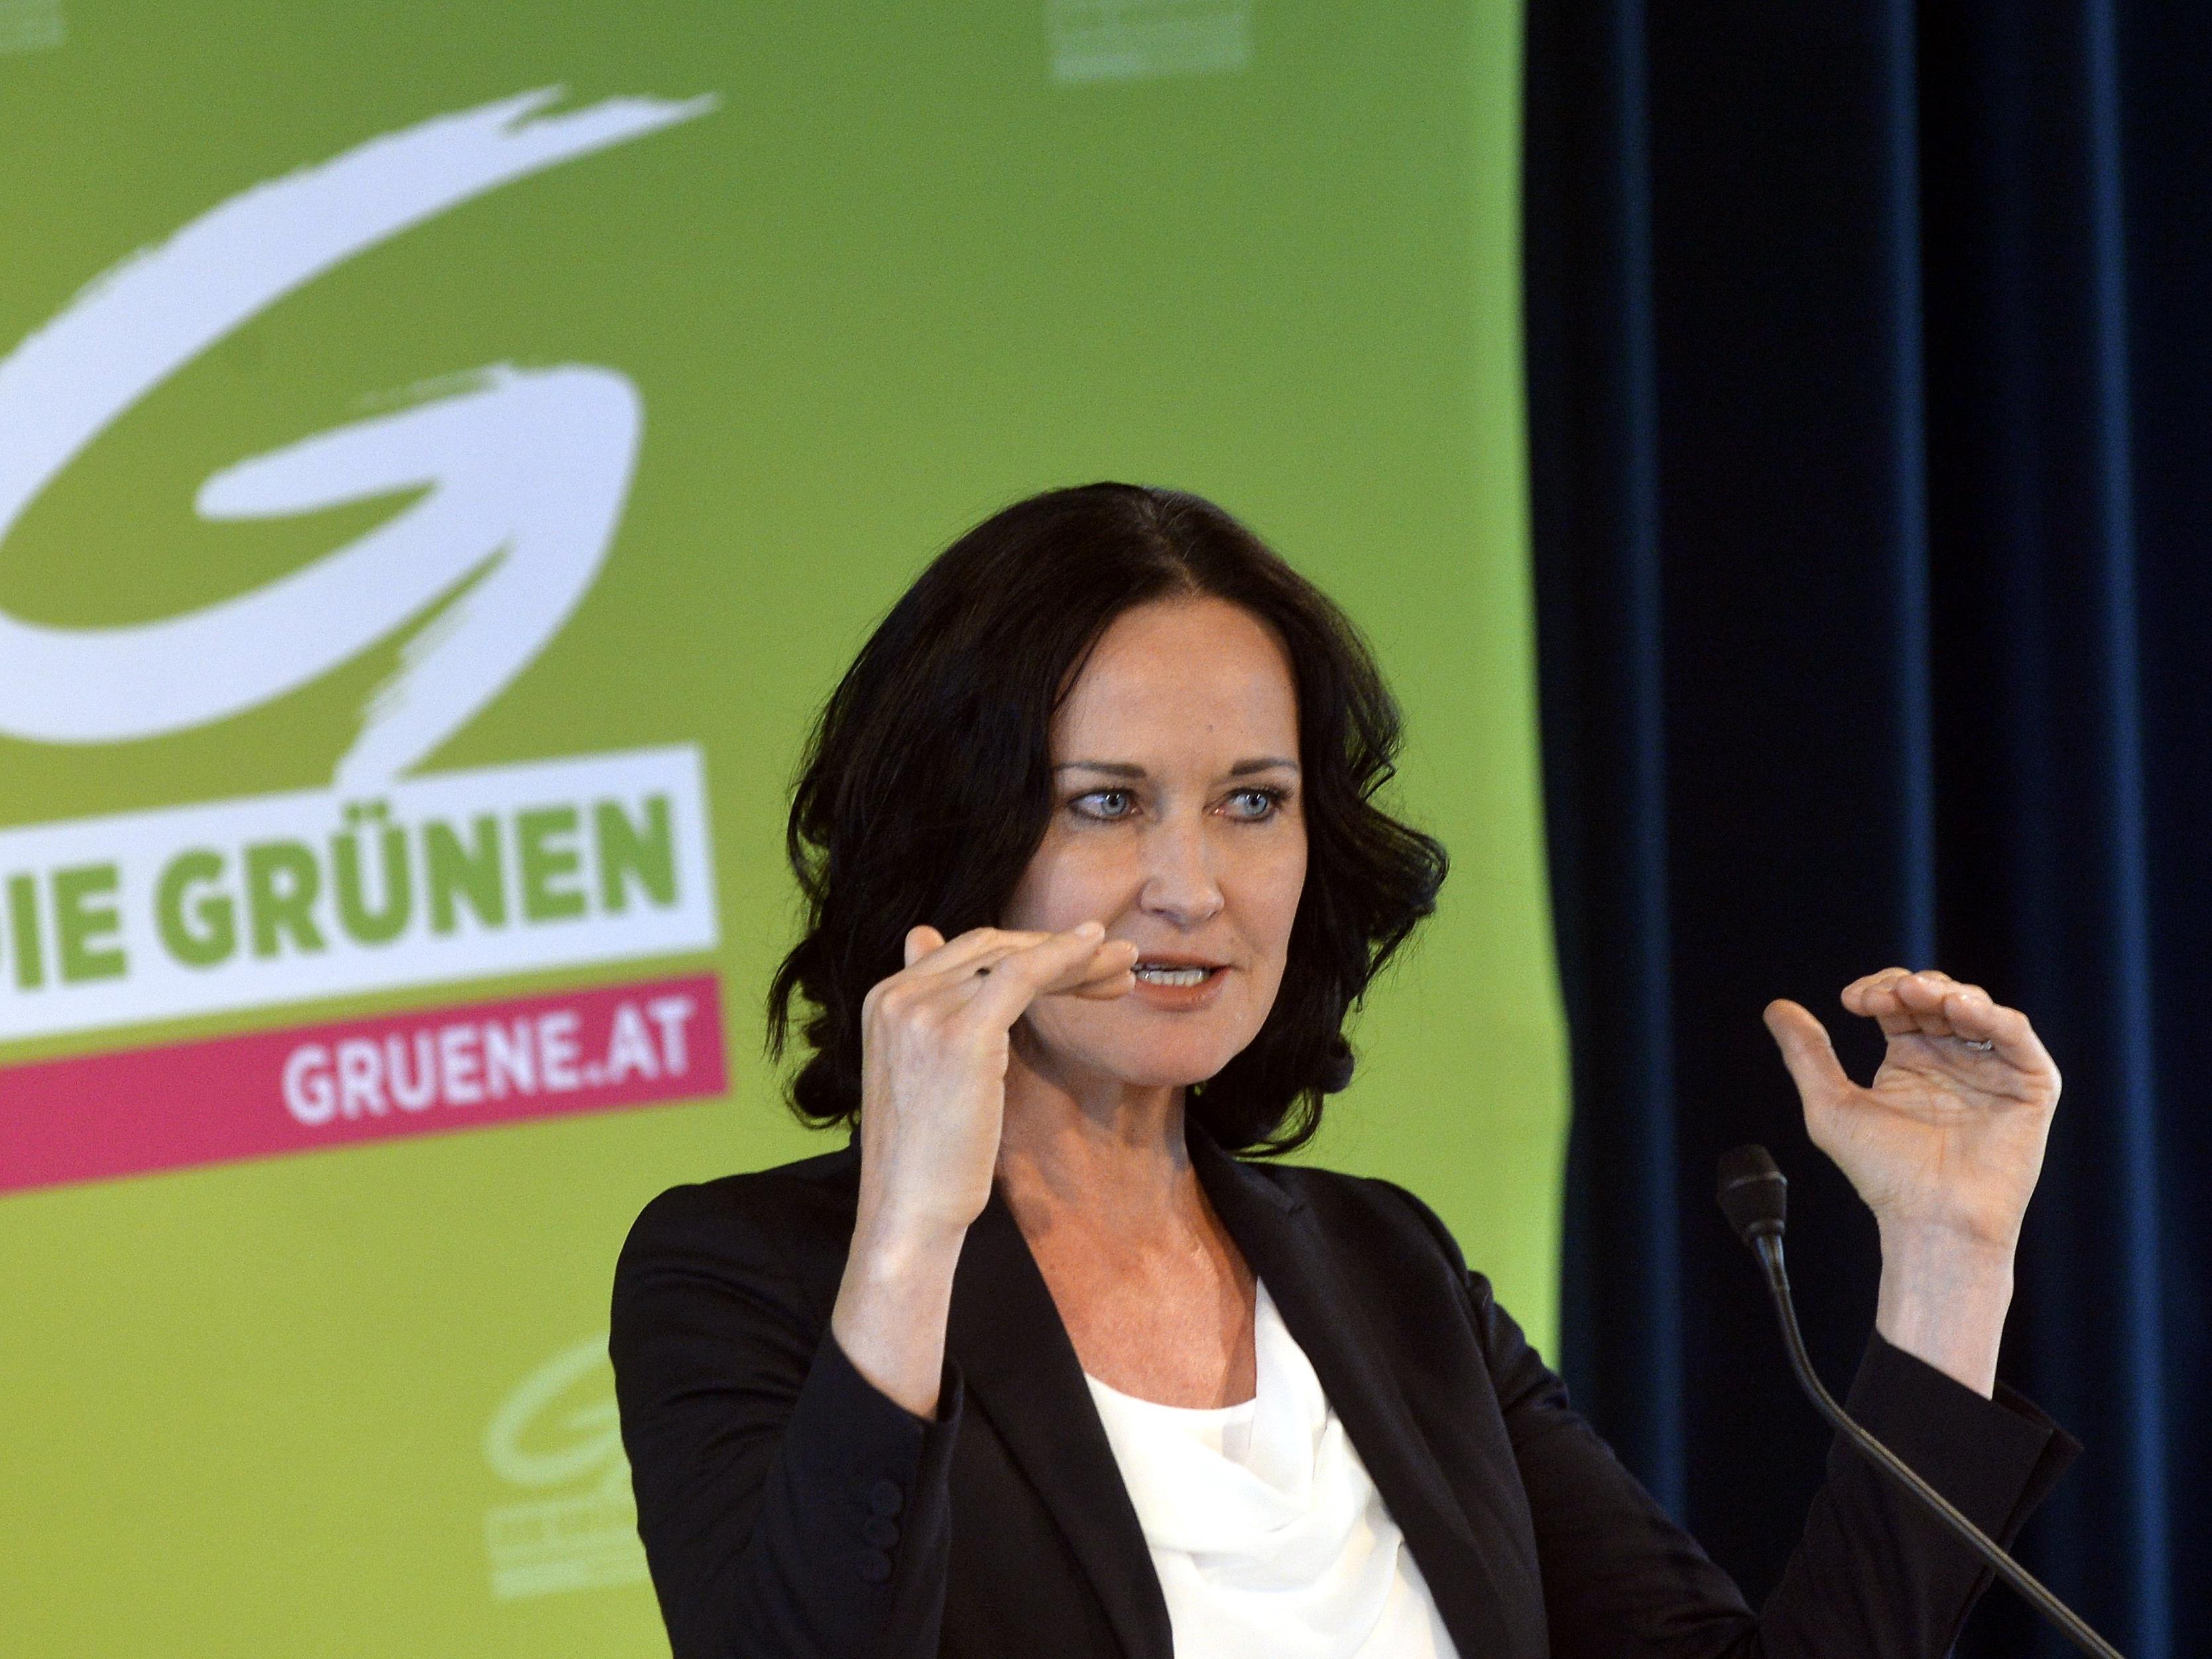 Nach dem Rücktritt der Grünen-Chefin ist die Nachfolge offen